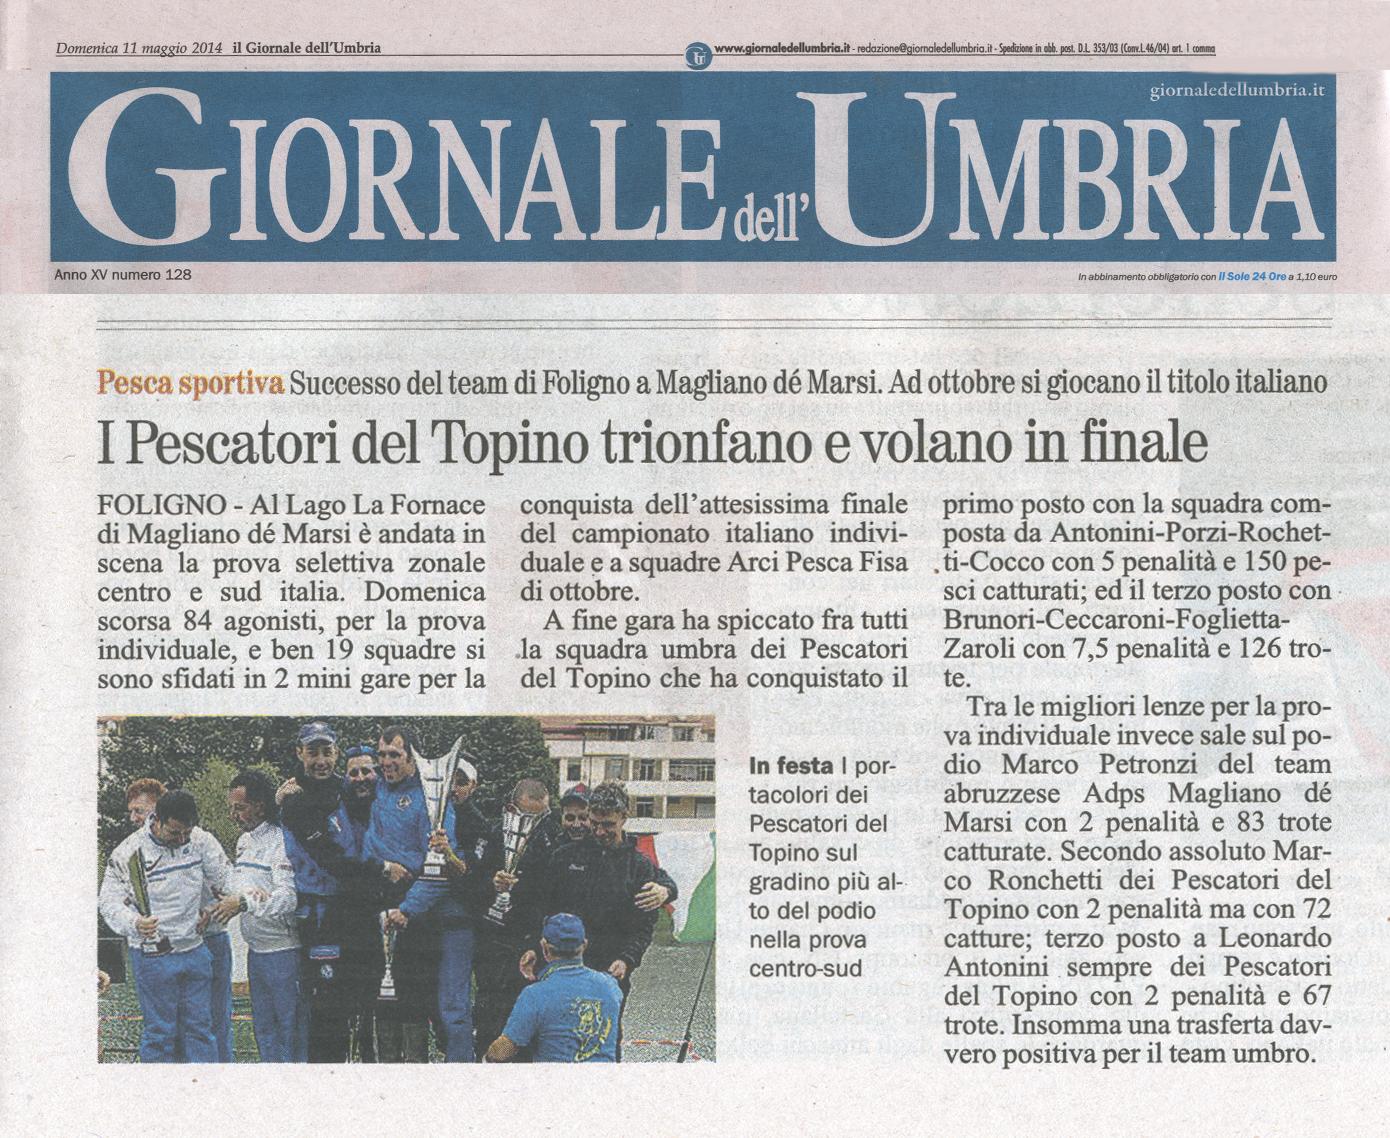 articolo_zonale_giornale_umbria